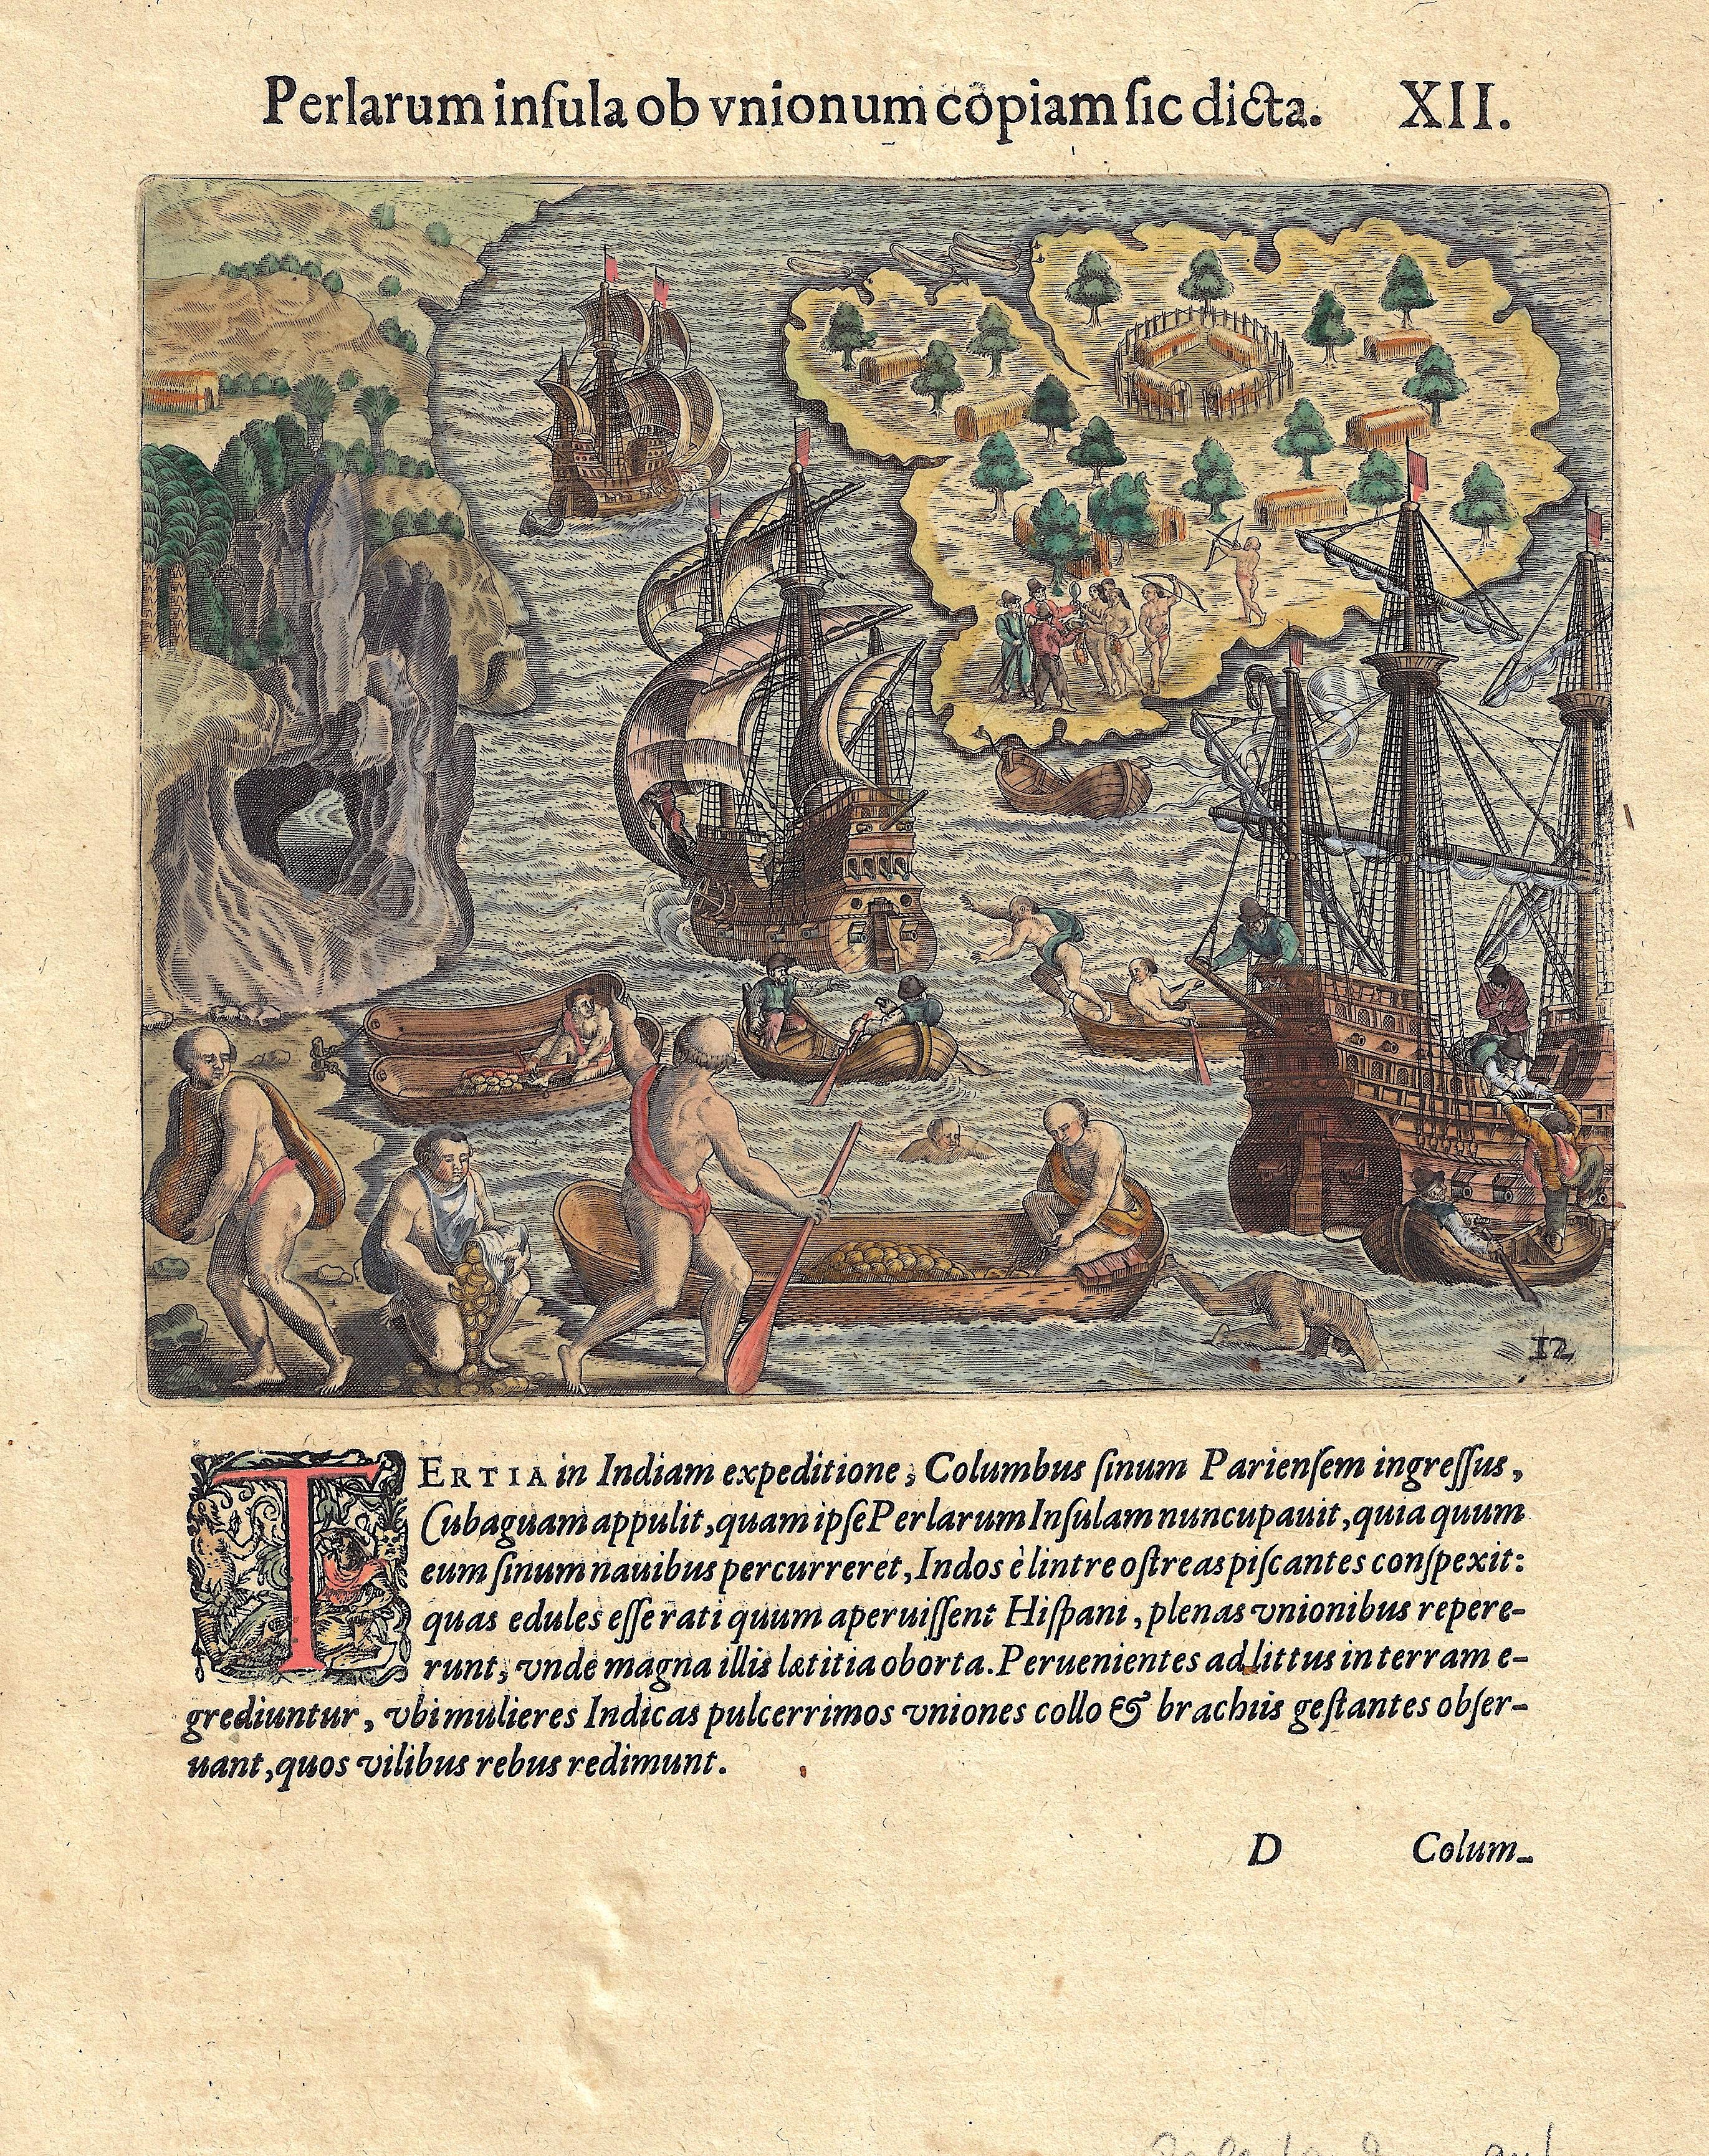 Bry, de Theodor, Dietrich Perlarum insula ob unionum copiam sic dicta.